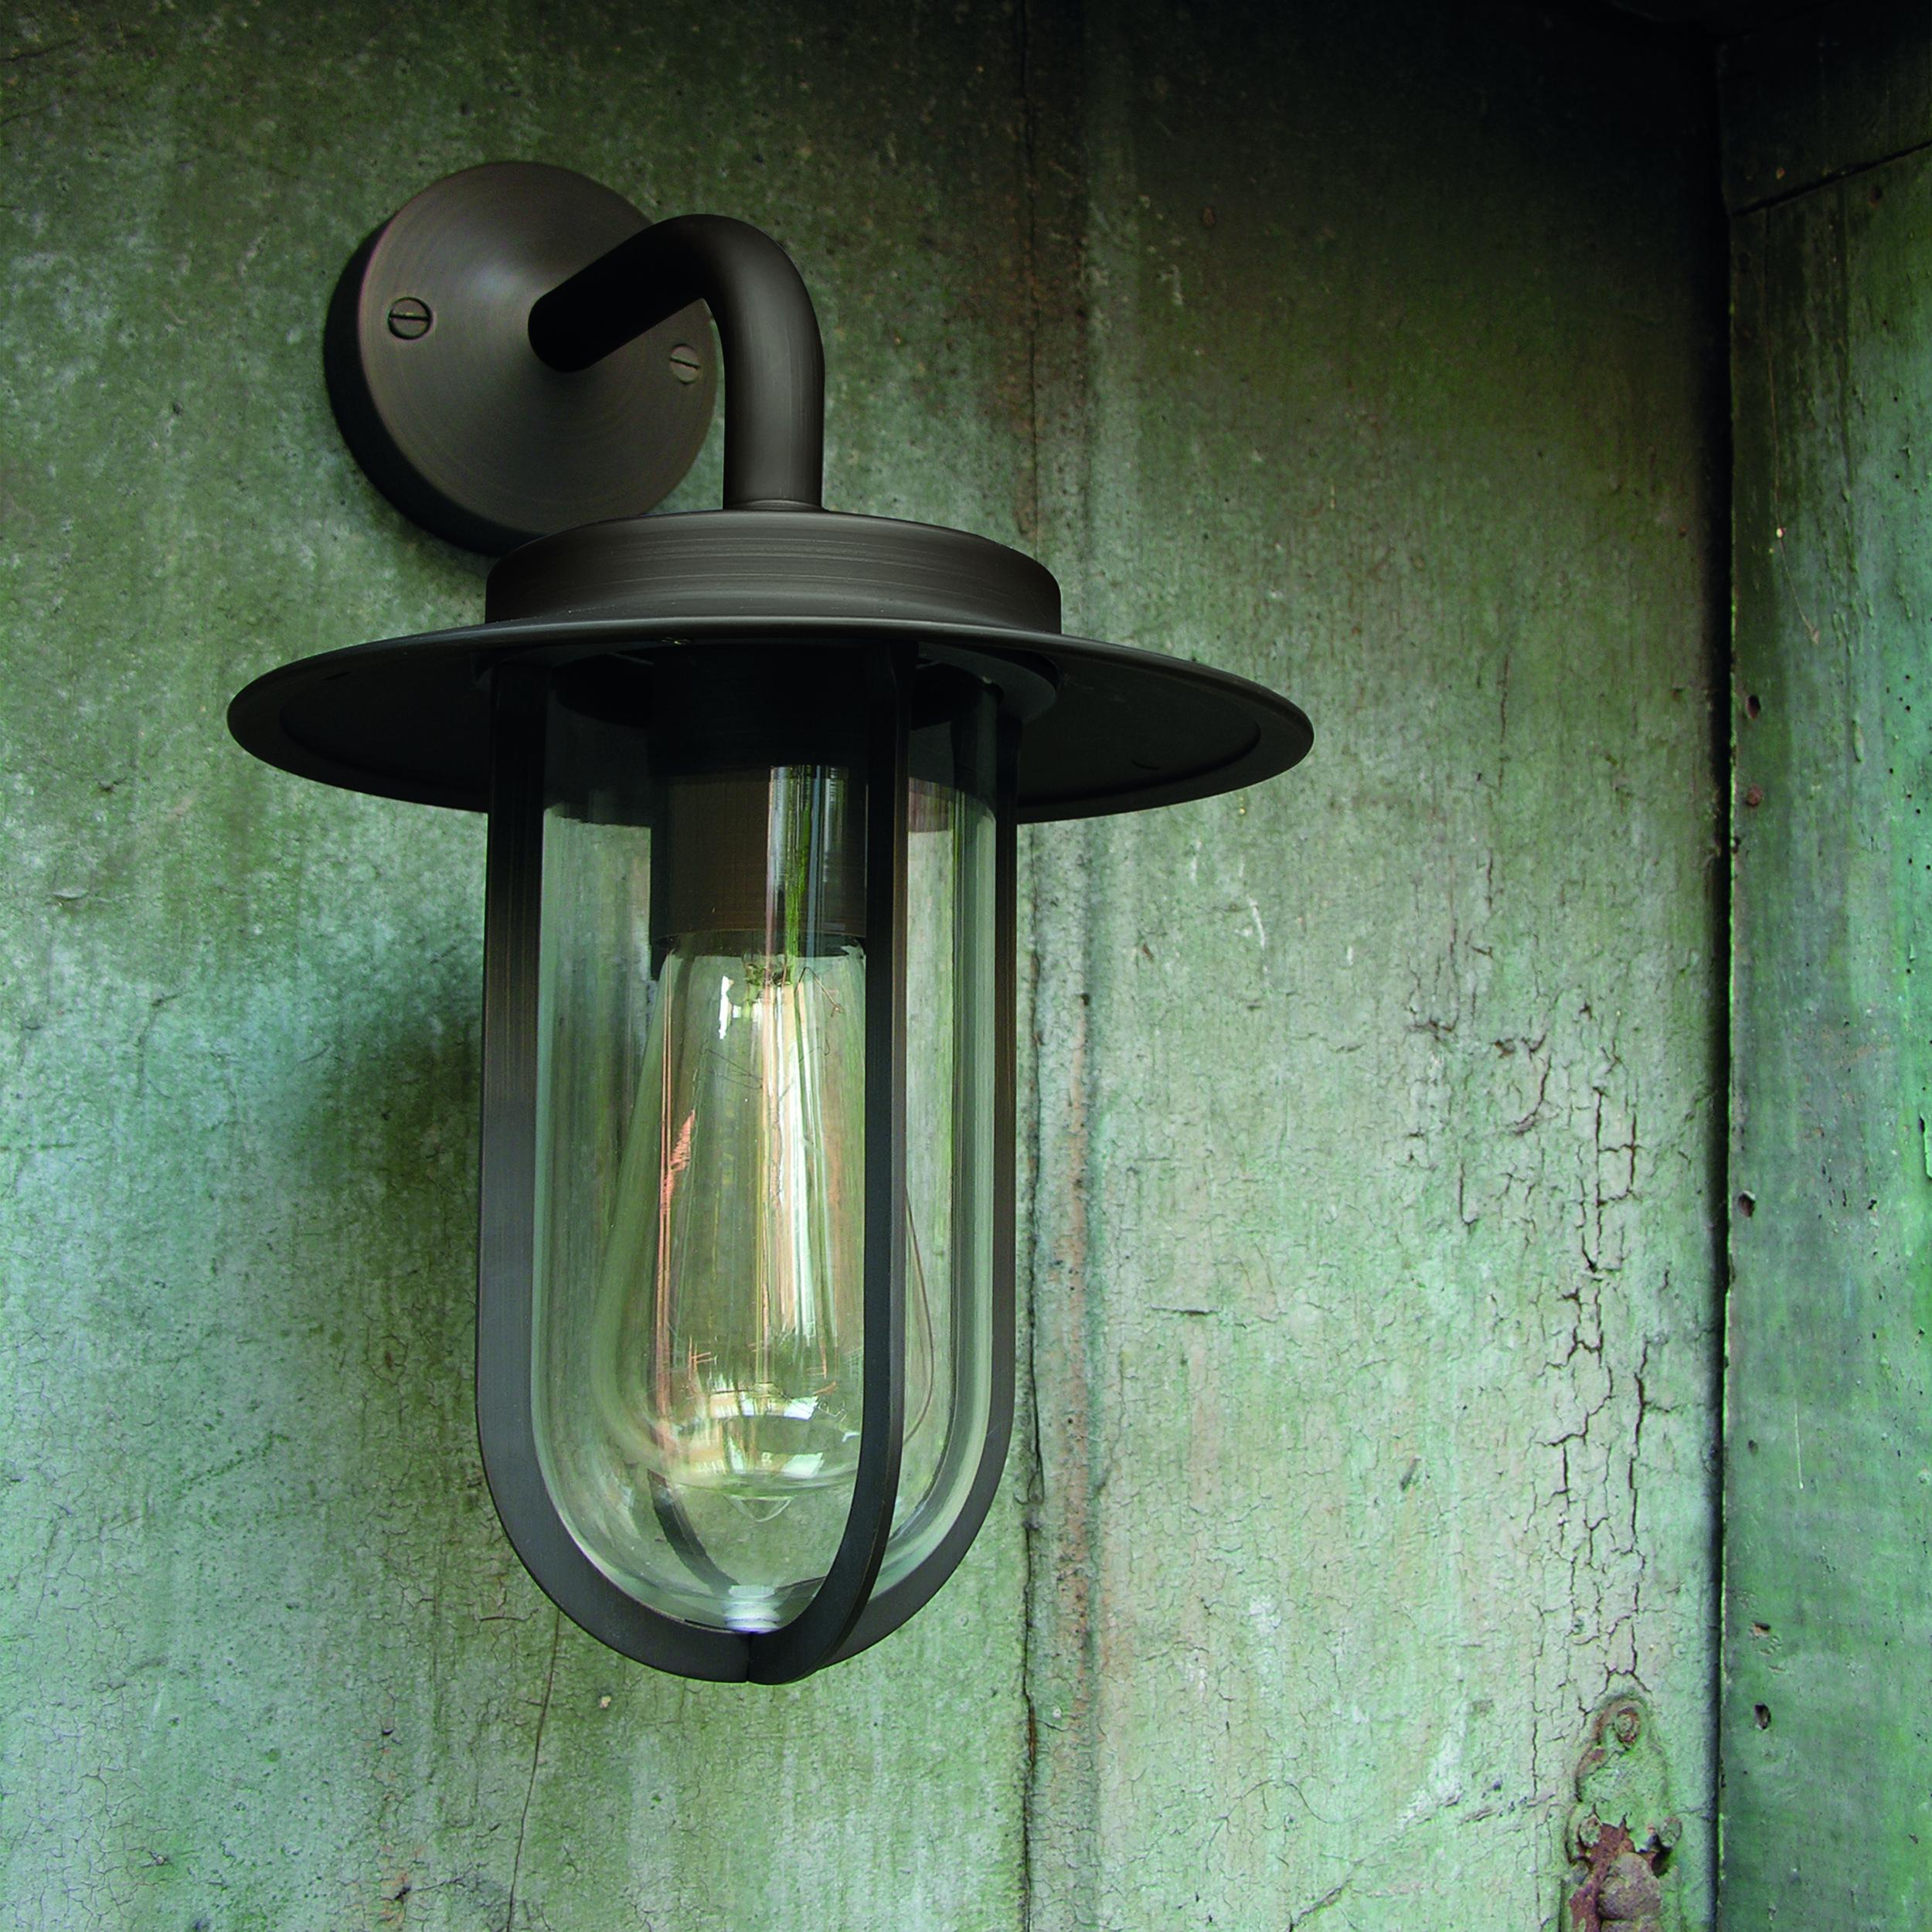 Настенный фонарь Astro Montparnasse 1096001 (484), IP44, 1xE27x60W, хром, прозрачный, металл, металл со стеклом - фото 7